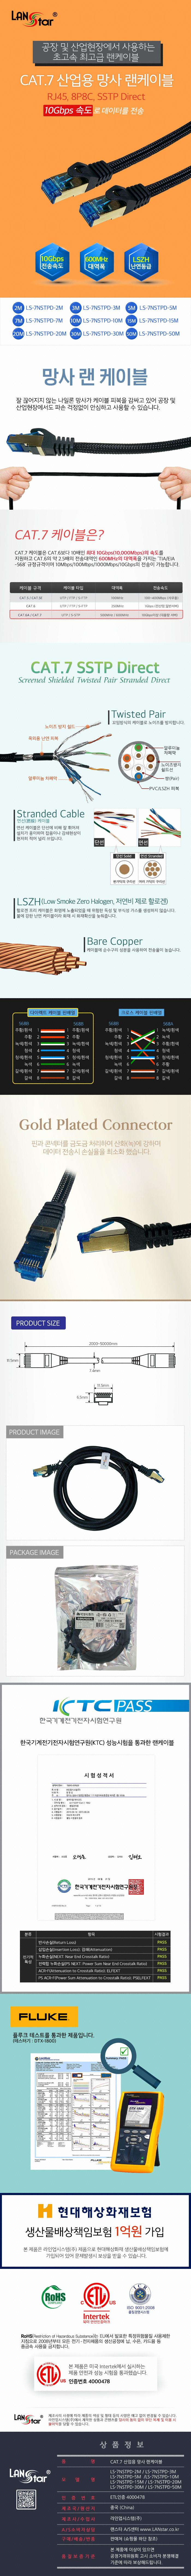 라인업시스템 LANSTAR CAT.7 SSTP 다이렉트 산업용 망사 랜 케이블 (5m)